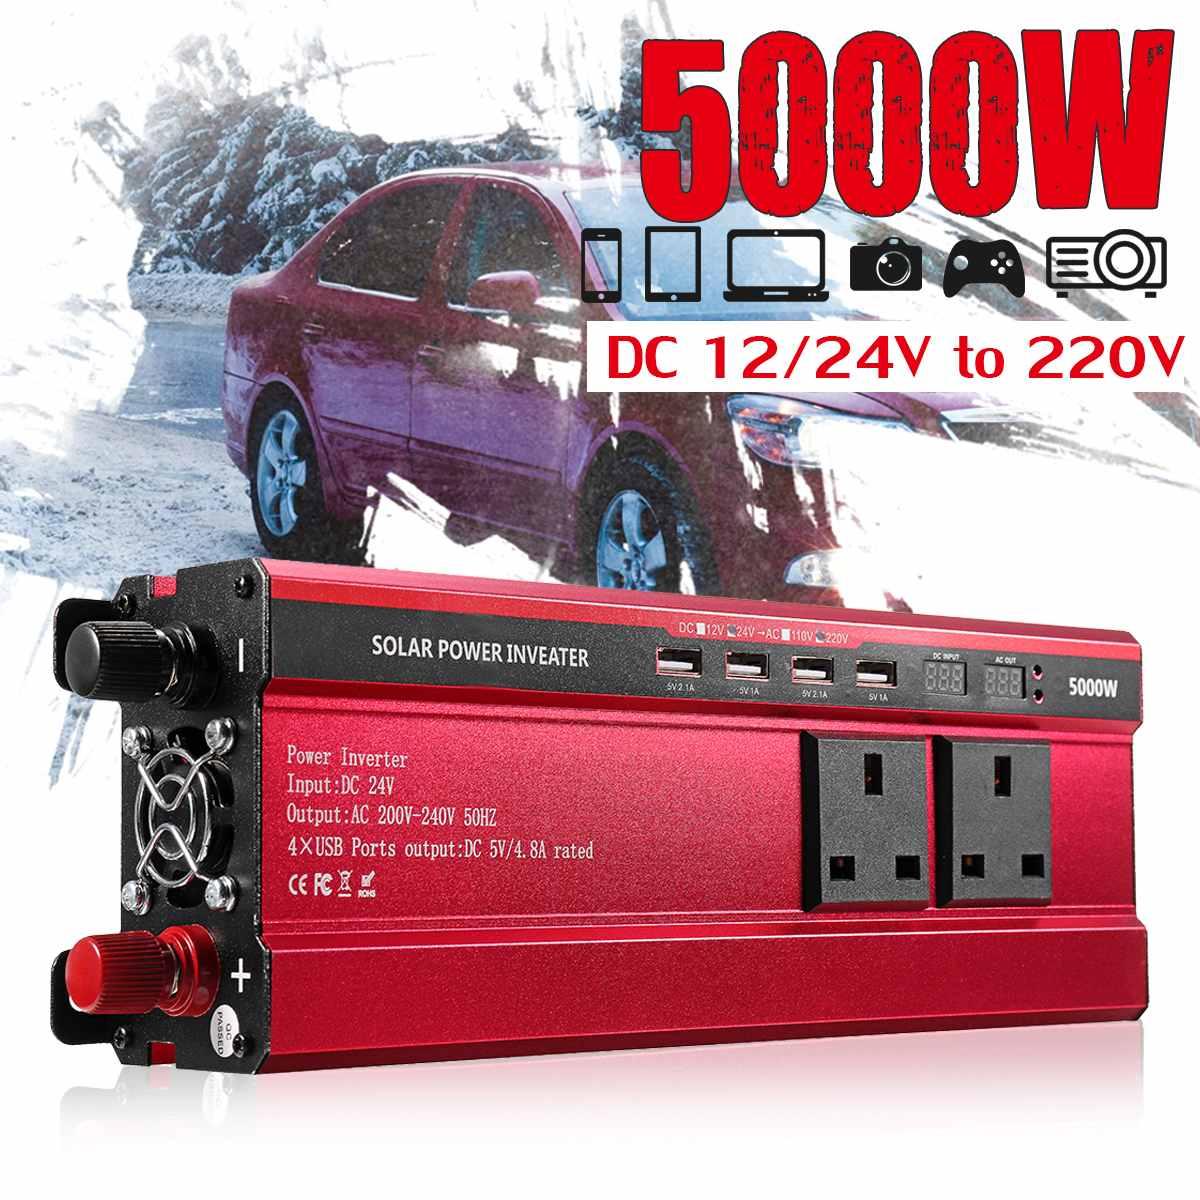 Autoleader 5000W Solar Power Inverter DC 12V/24V To AC 110V/220V Modified Sine Wave Converter For Car And Truck